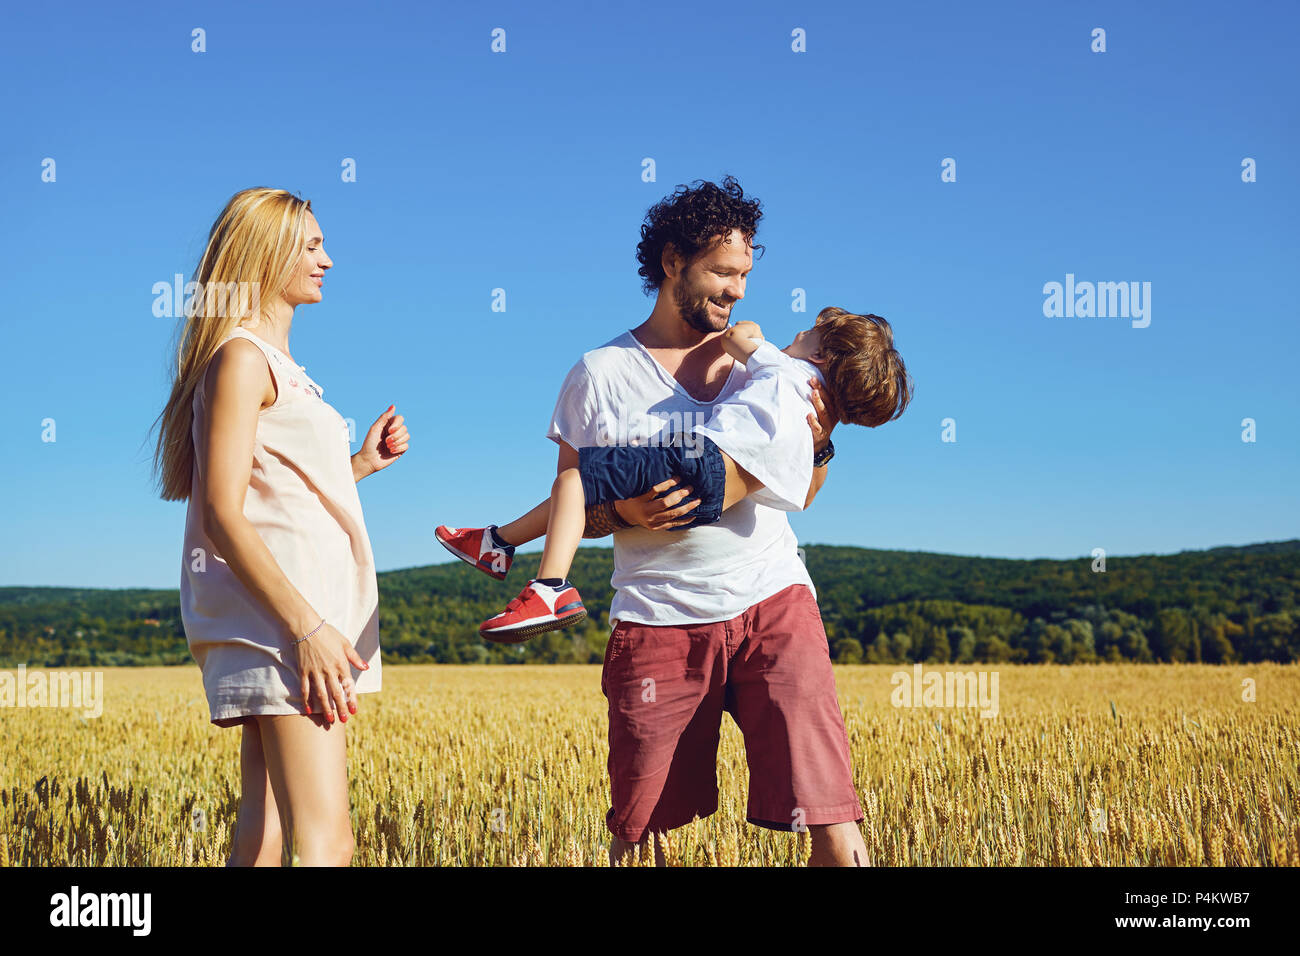 Una famiglia felice è godendo di divertimento con un bambino all'esterno. Immagini Stock